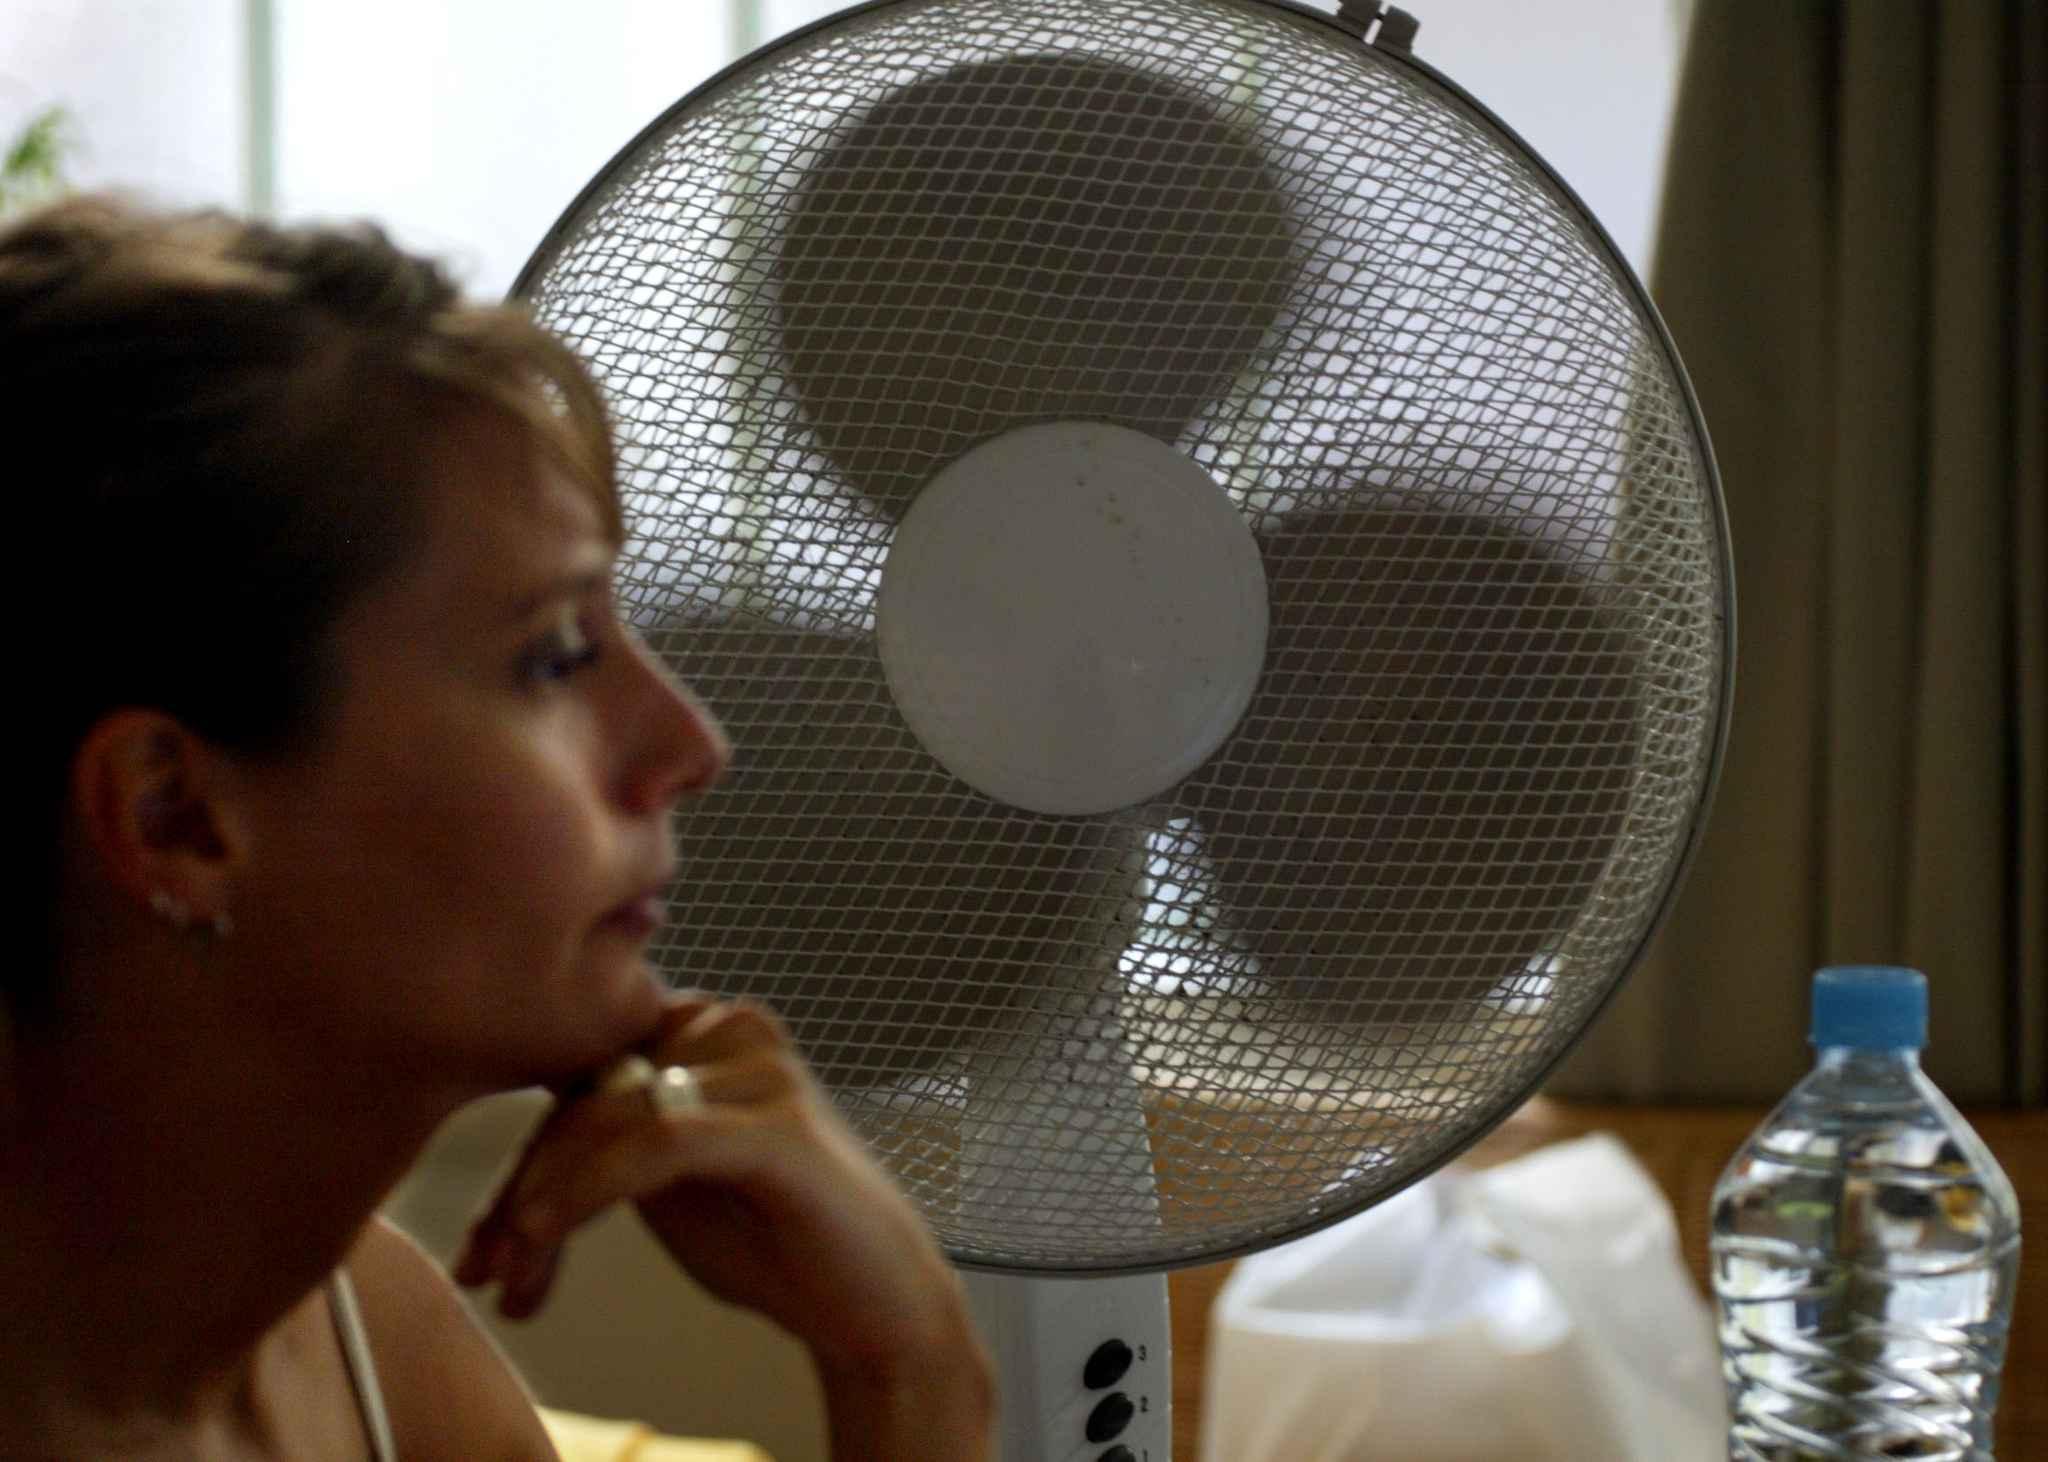 heurts de bureaux comment viter que la climatisation ne jette un froid. Black Bedroom Furniture Sets. Home Design Ideas